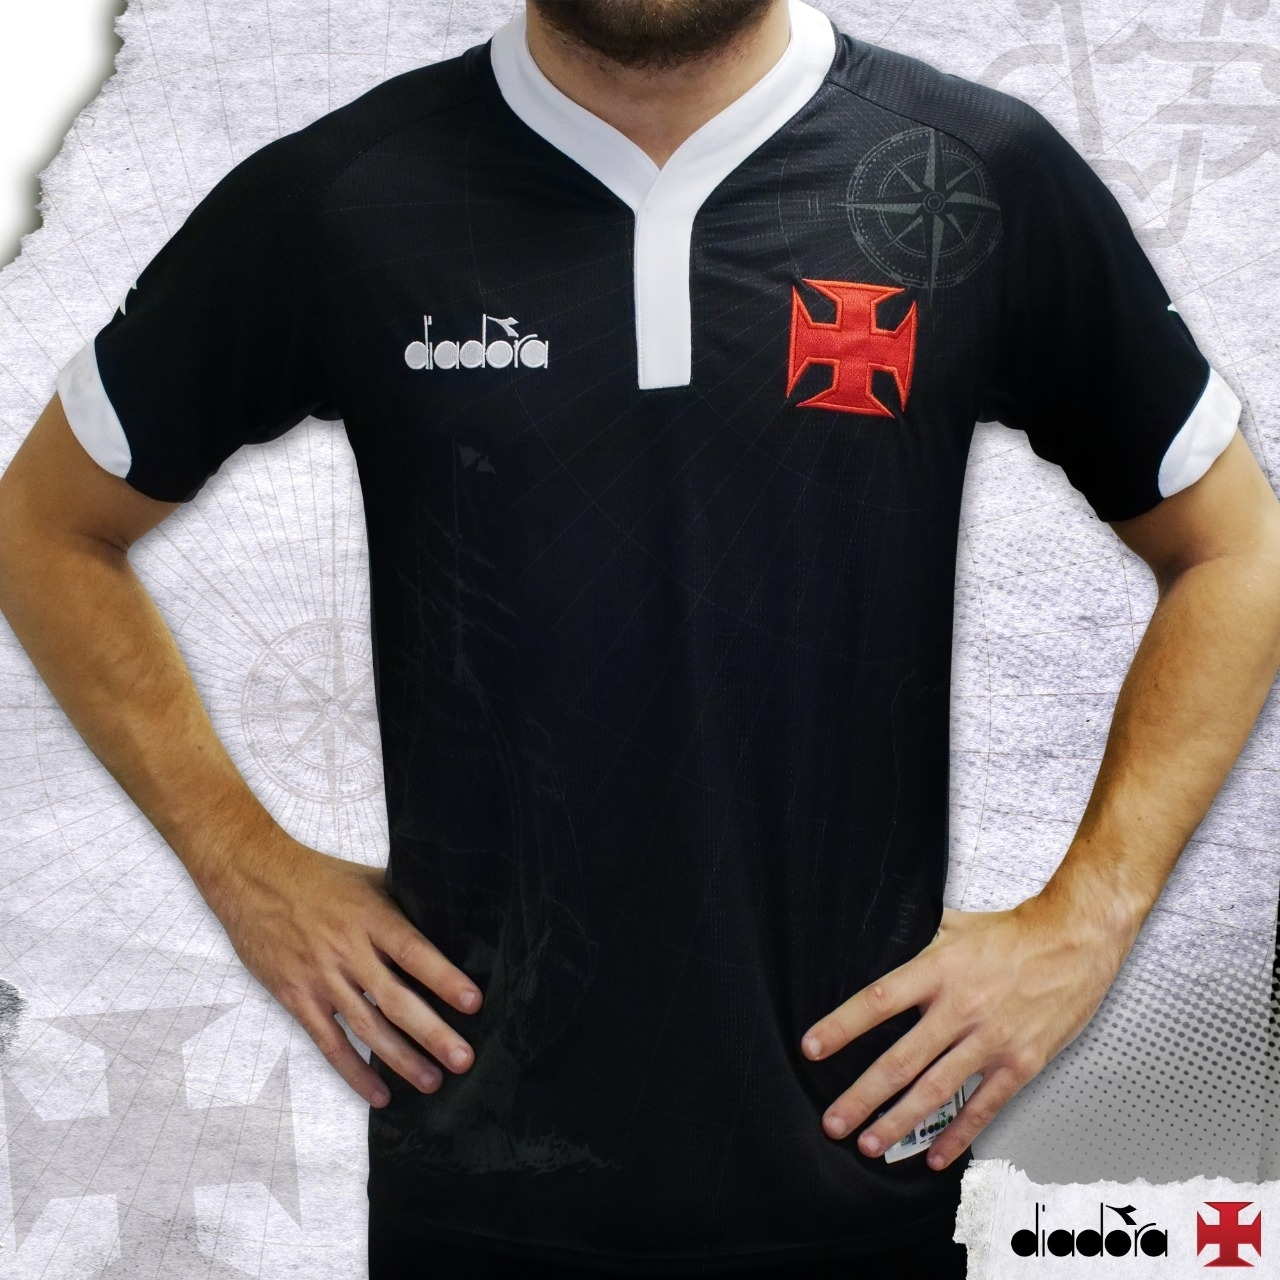 Vasco capricha em nova camisa 3 inteira preta  bd397981b66af